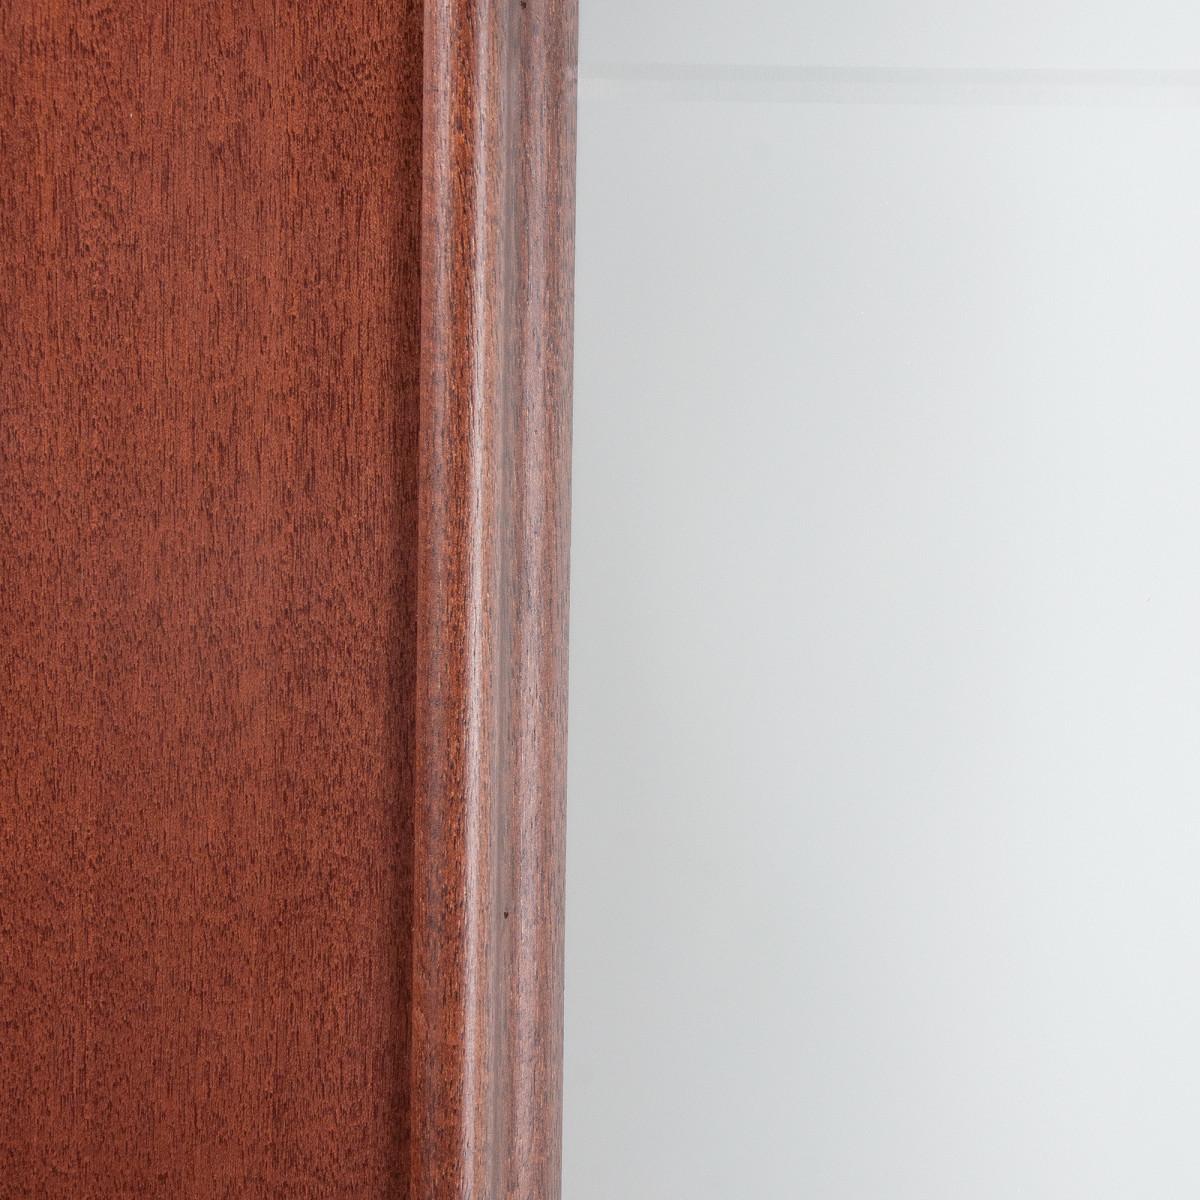 Дверь Межкомнатная Остеклённая Шпонированное Этерно 90x200 Цвет Итальянский Орех